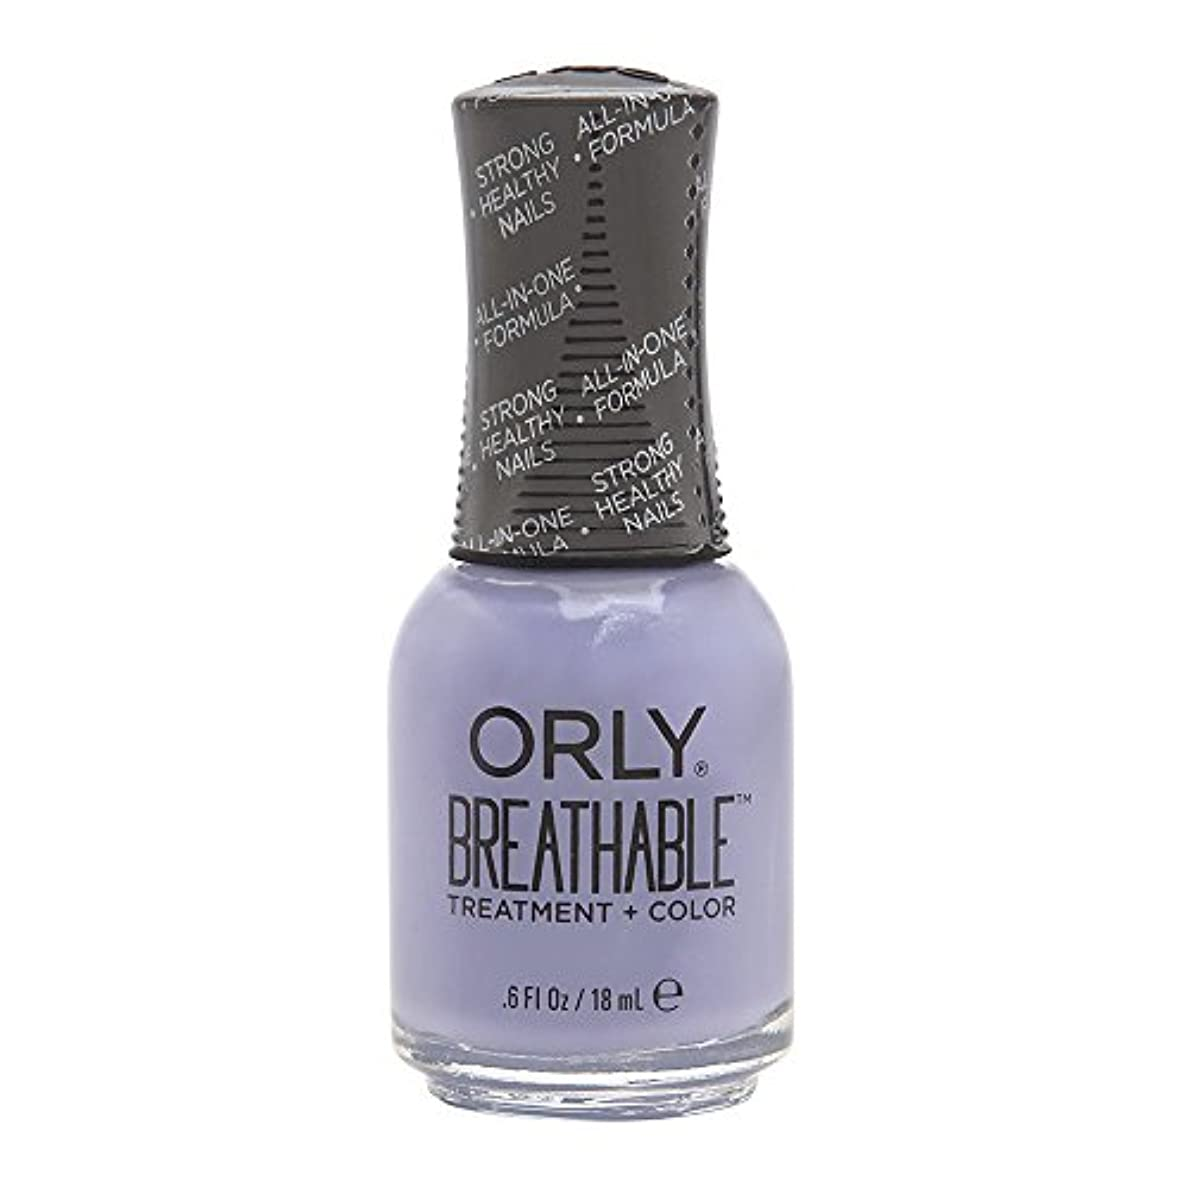 腹痛医療過誤一時解雇するOrly Breathable Treatment + Color Nail Lacquer - Just Breathe - 0.6oz/18ml